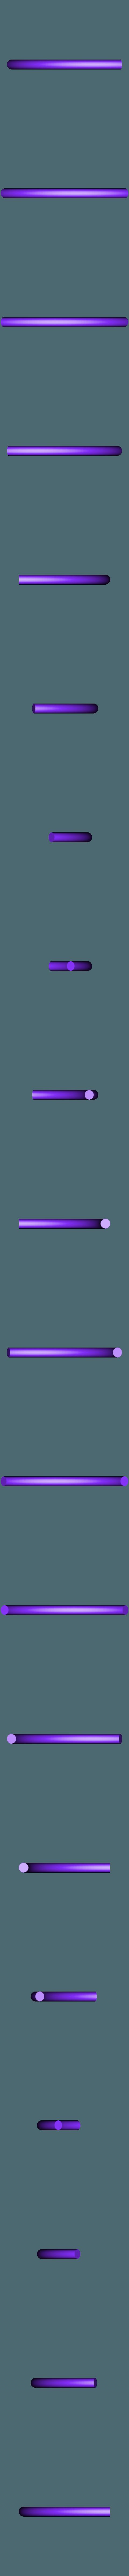 axle_4_90.STL Télécharger fichier STL gratuit MEGA Expansion 200+ Pièces • Plan à imprimer en 3D, Pwentey